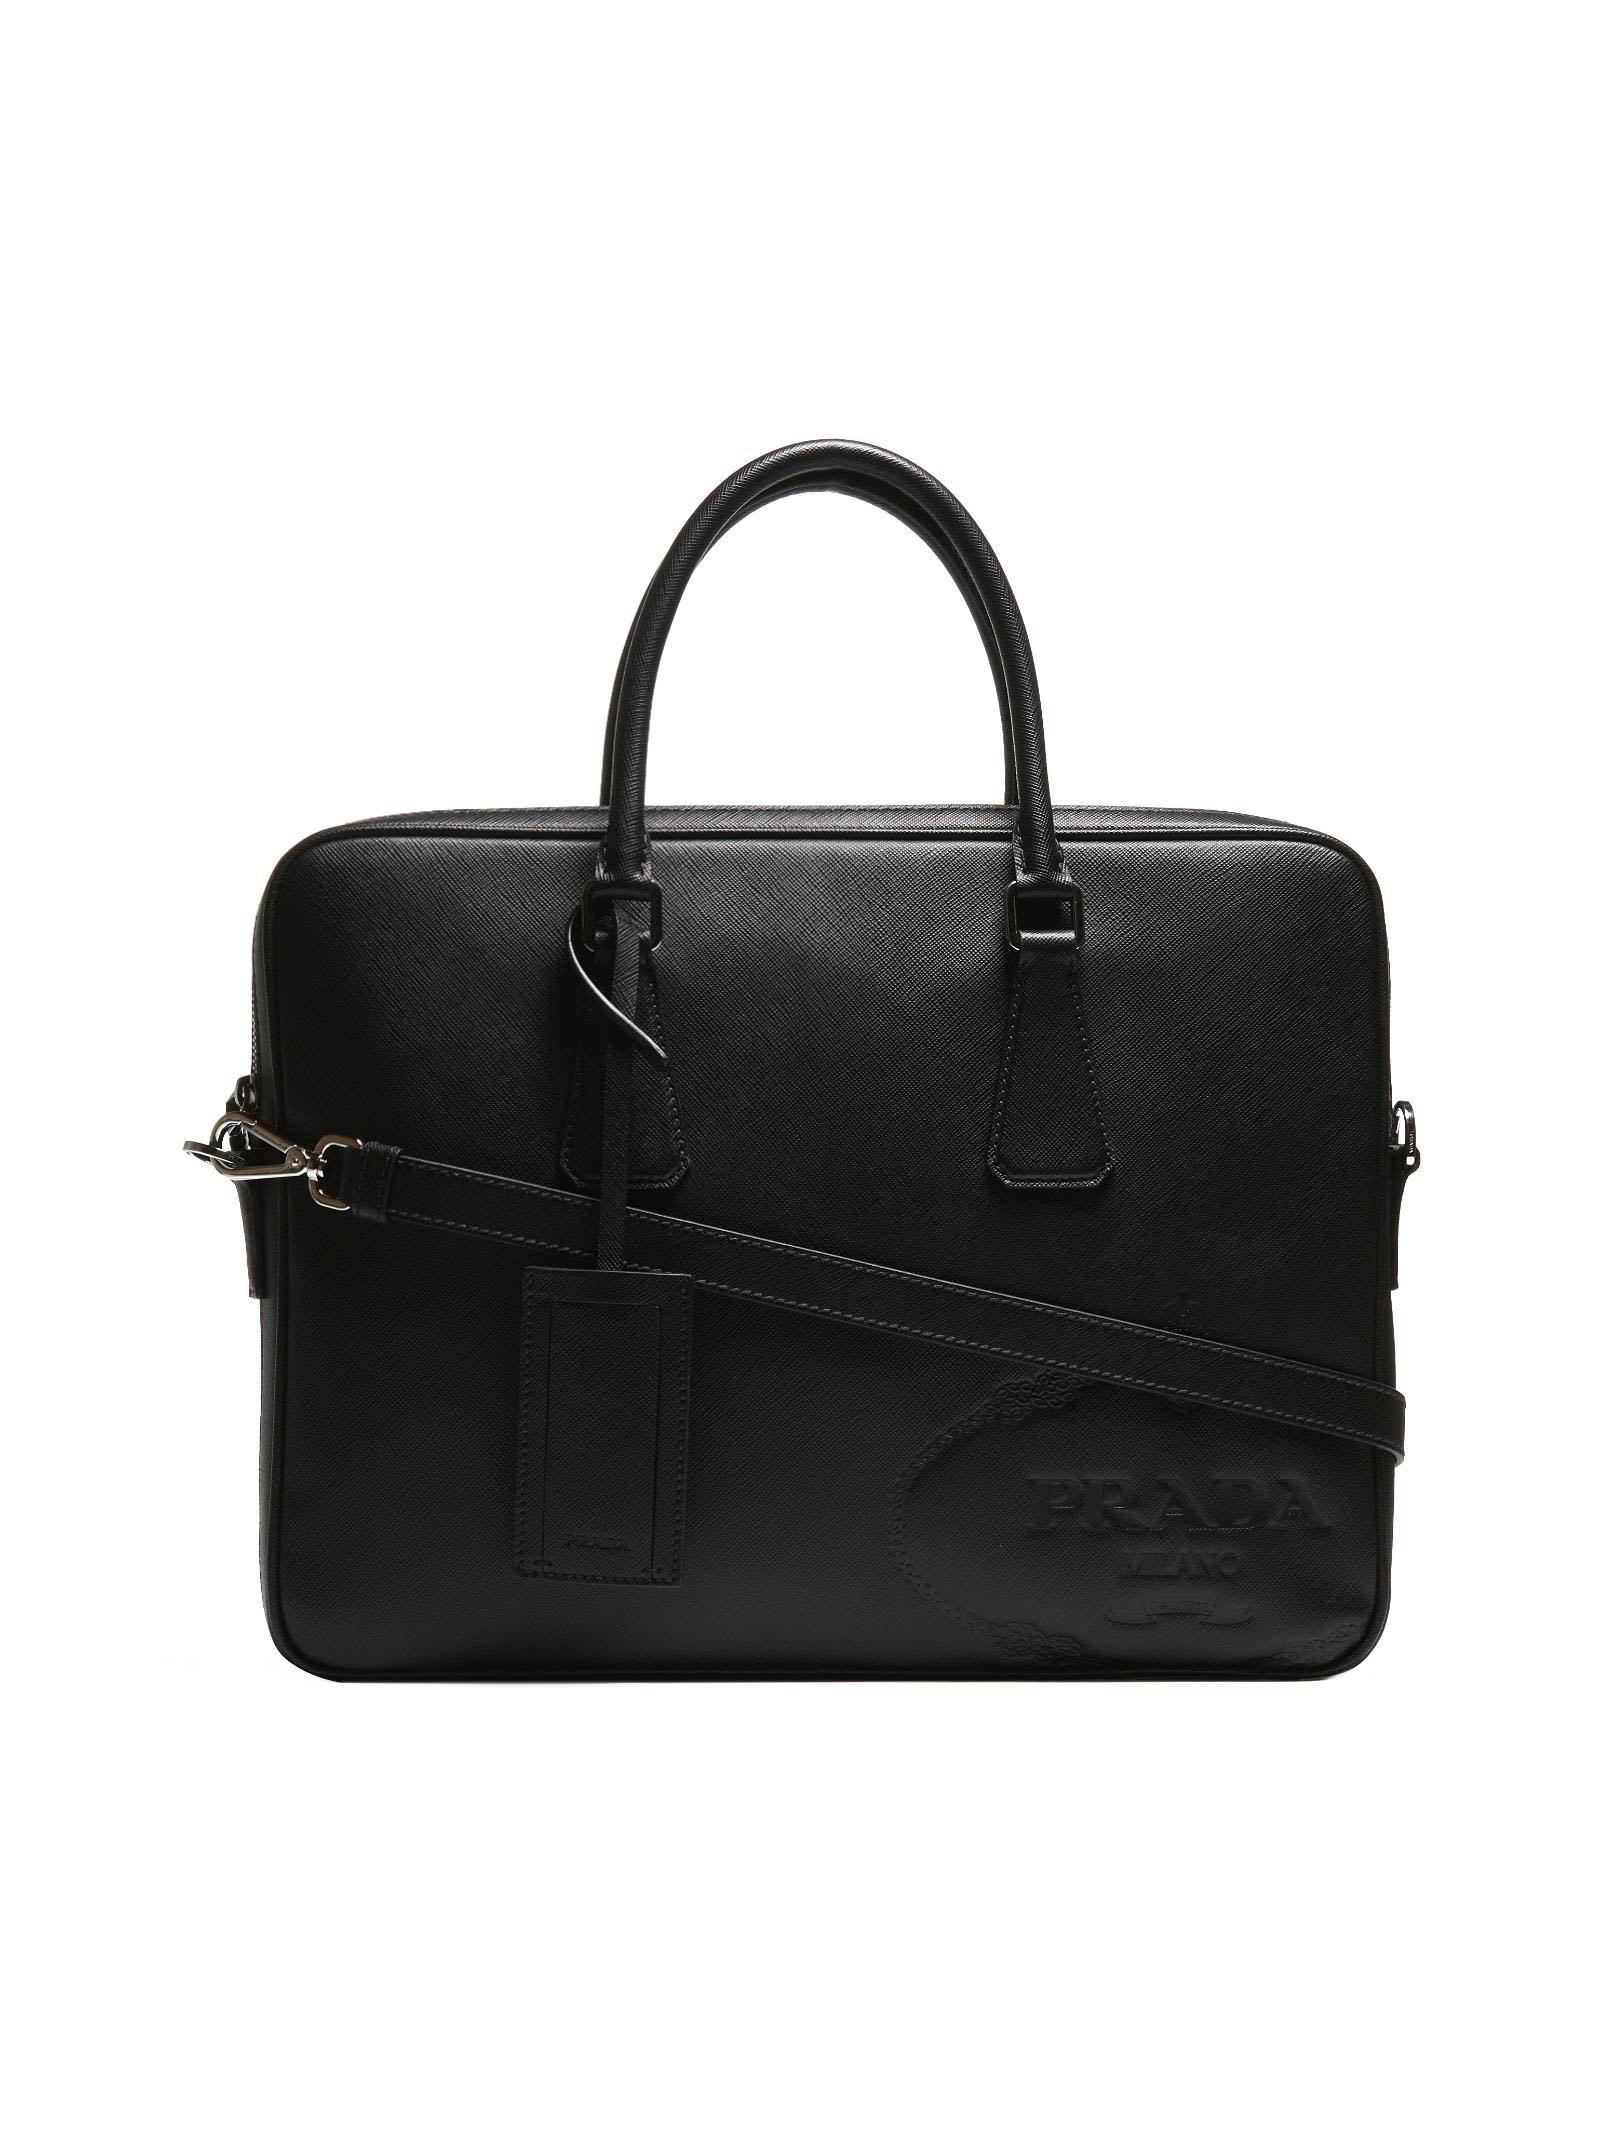 749b3a43cc23 PRADA EMBOSSED LOGO TOTE.  prada  bags  shoulder bags  hand bags  tote